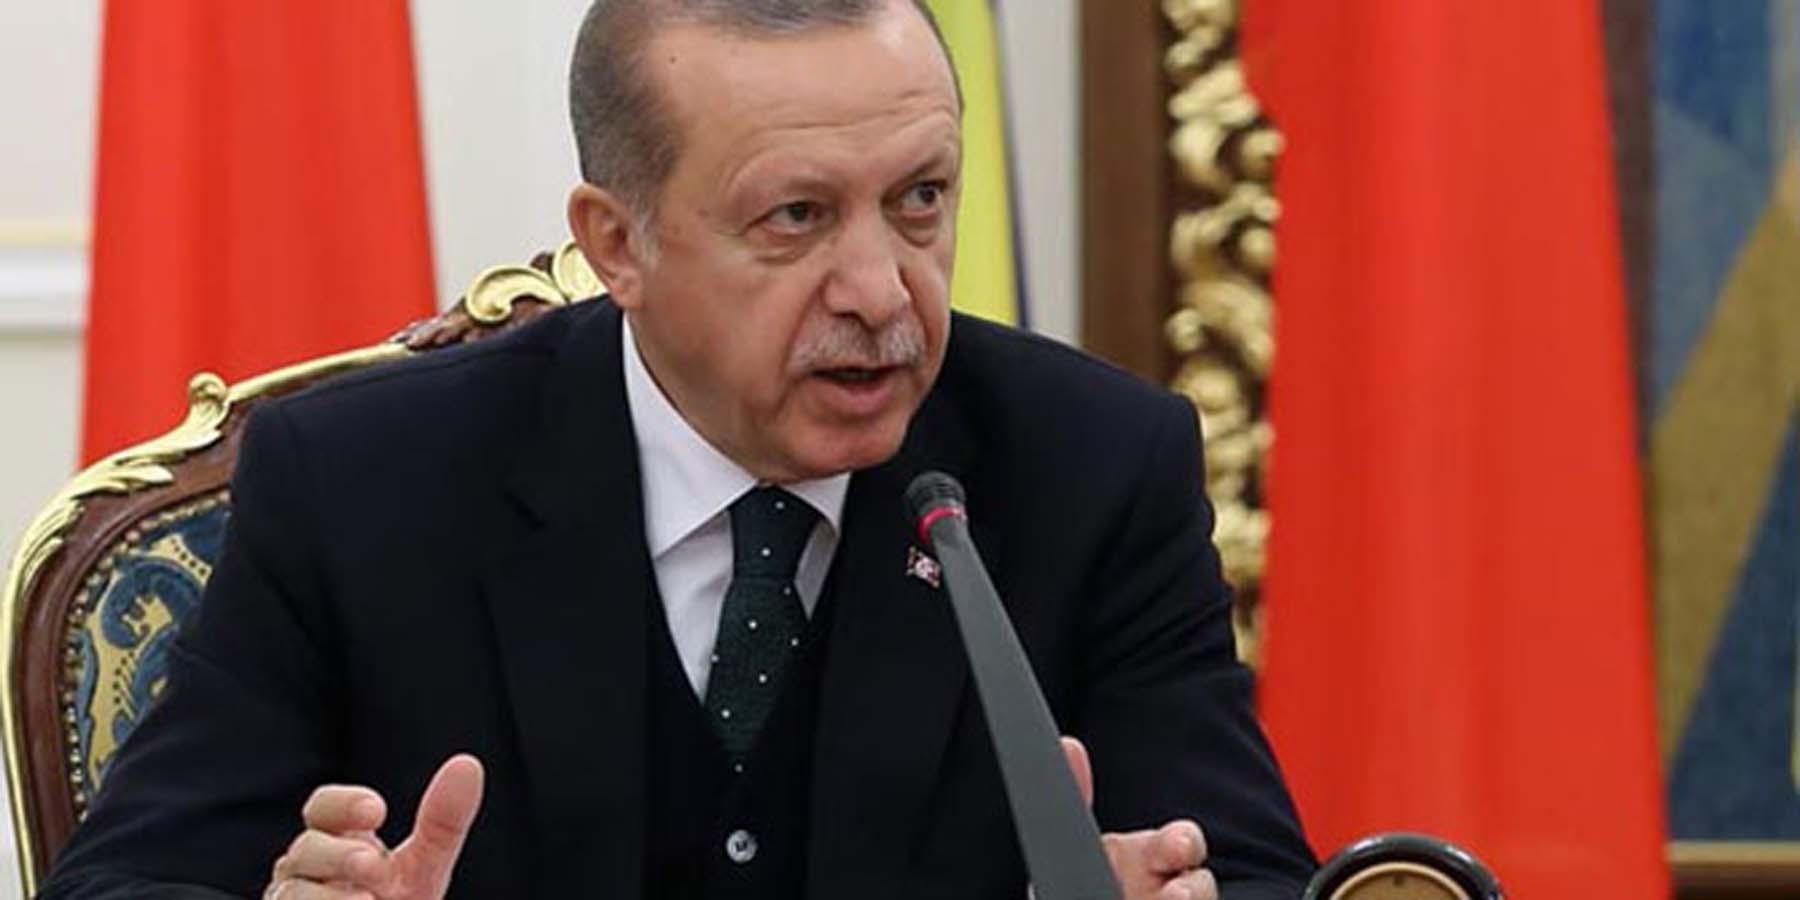 Erdoğan dan Reform Açıklaması